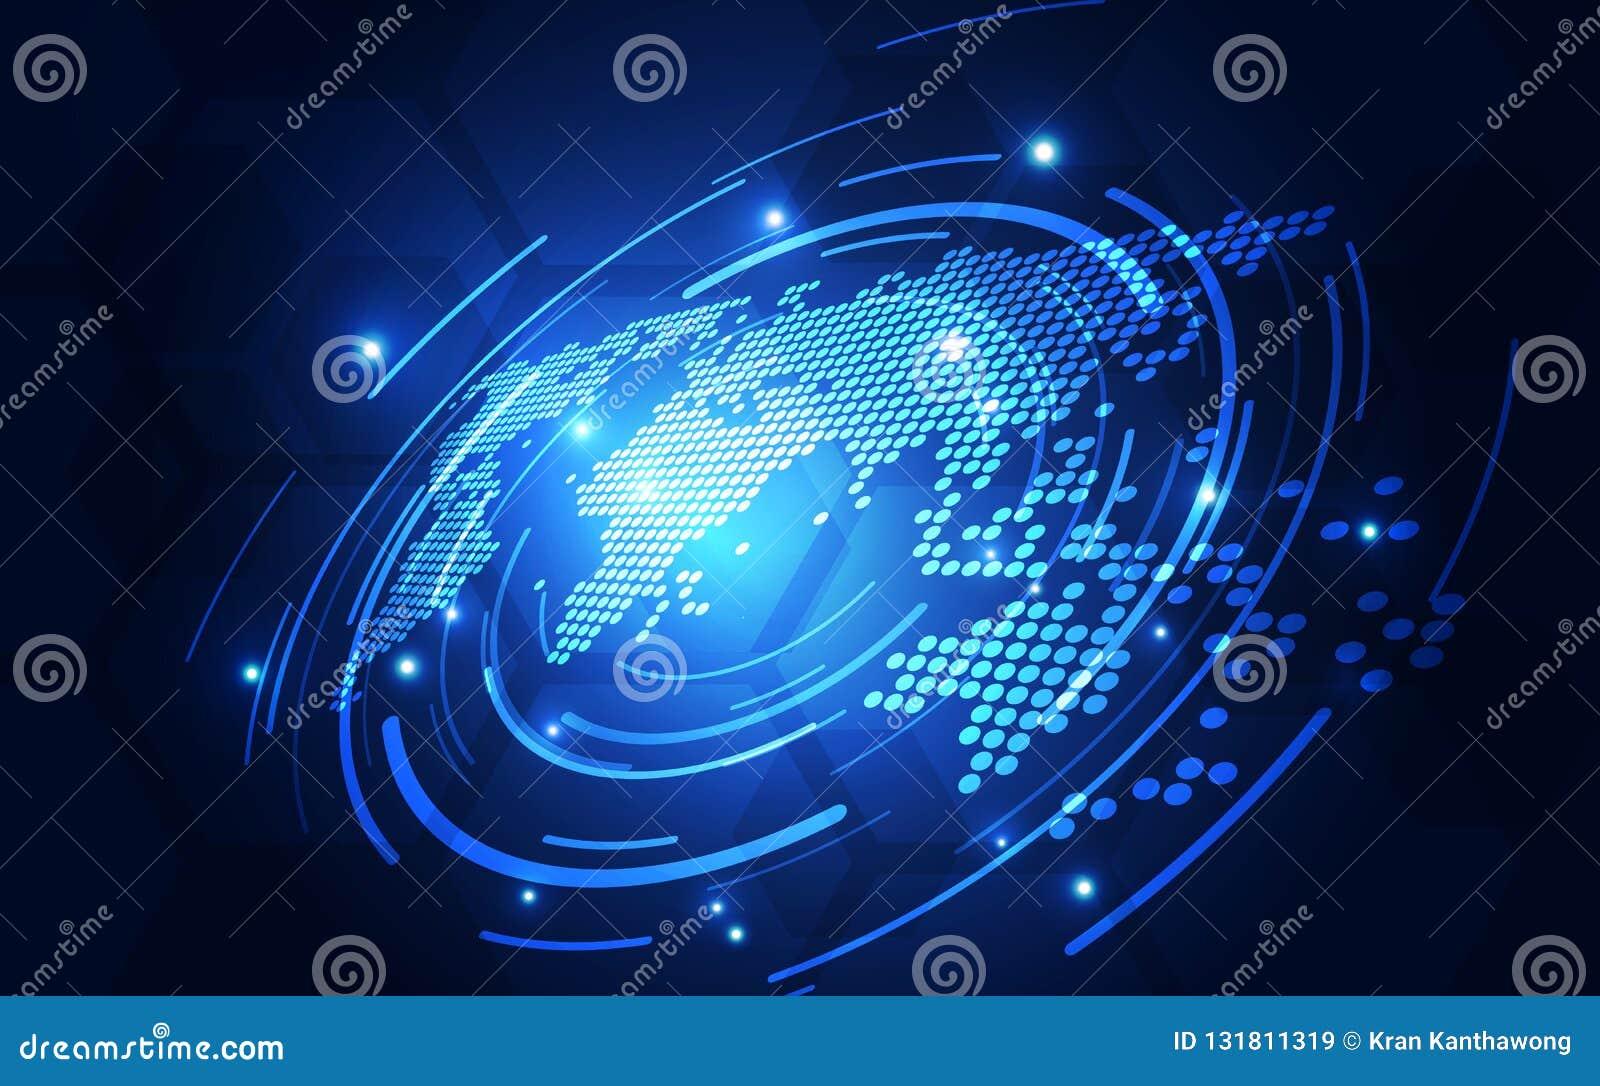 Dirigez le concept global numérique de technologie, illustration abstraite de fond